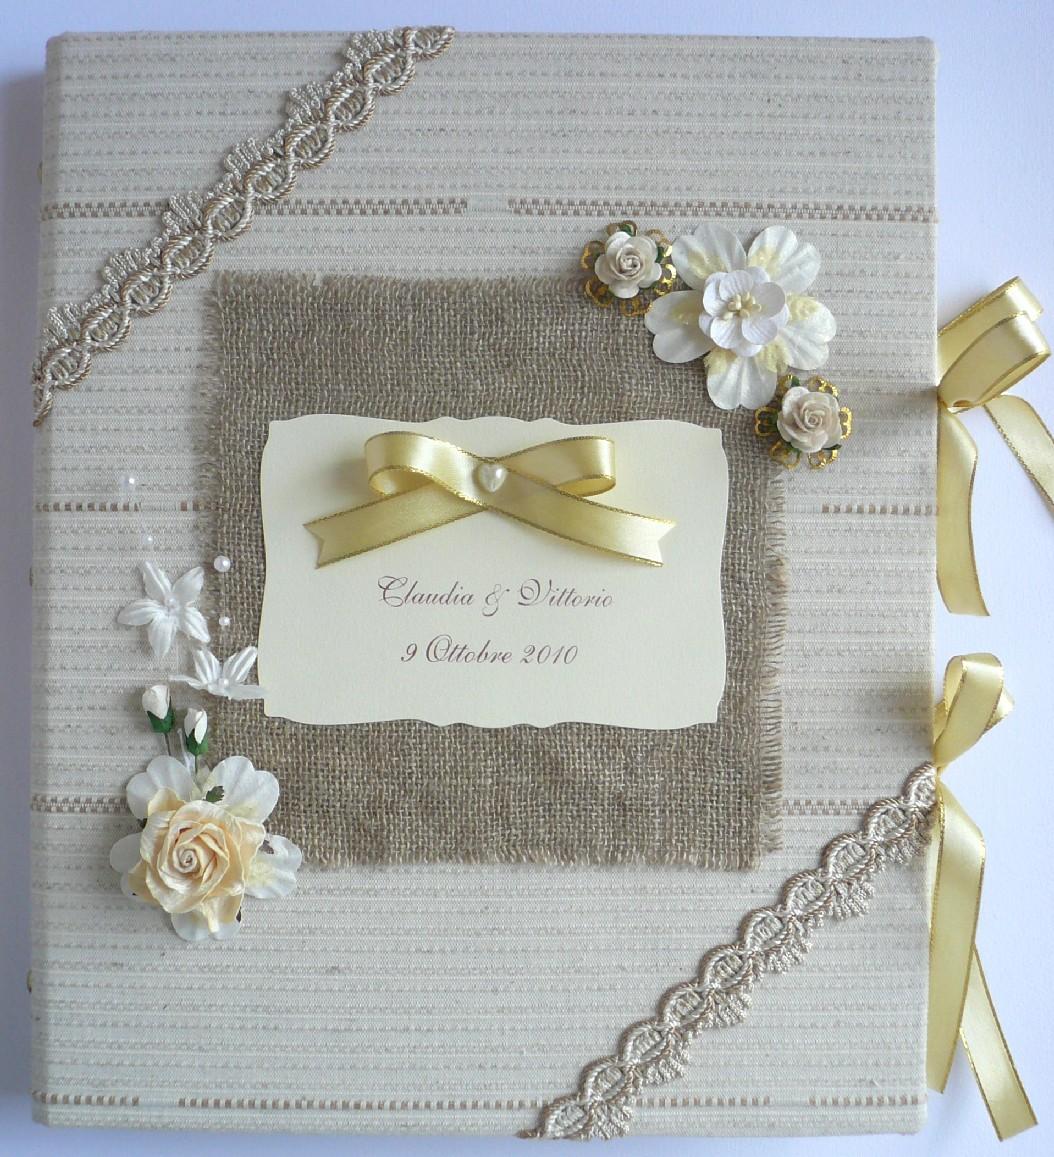 Matrimonio Catolico Musulman : Guestbook matrimonio rustico bouquet da sposa in stile